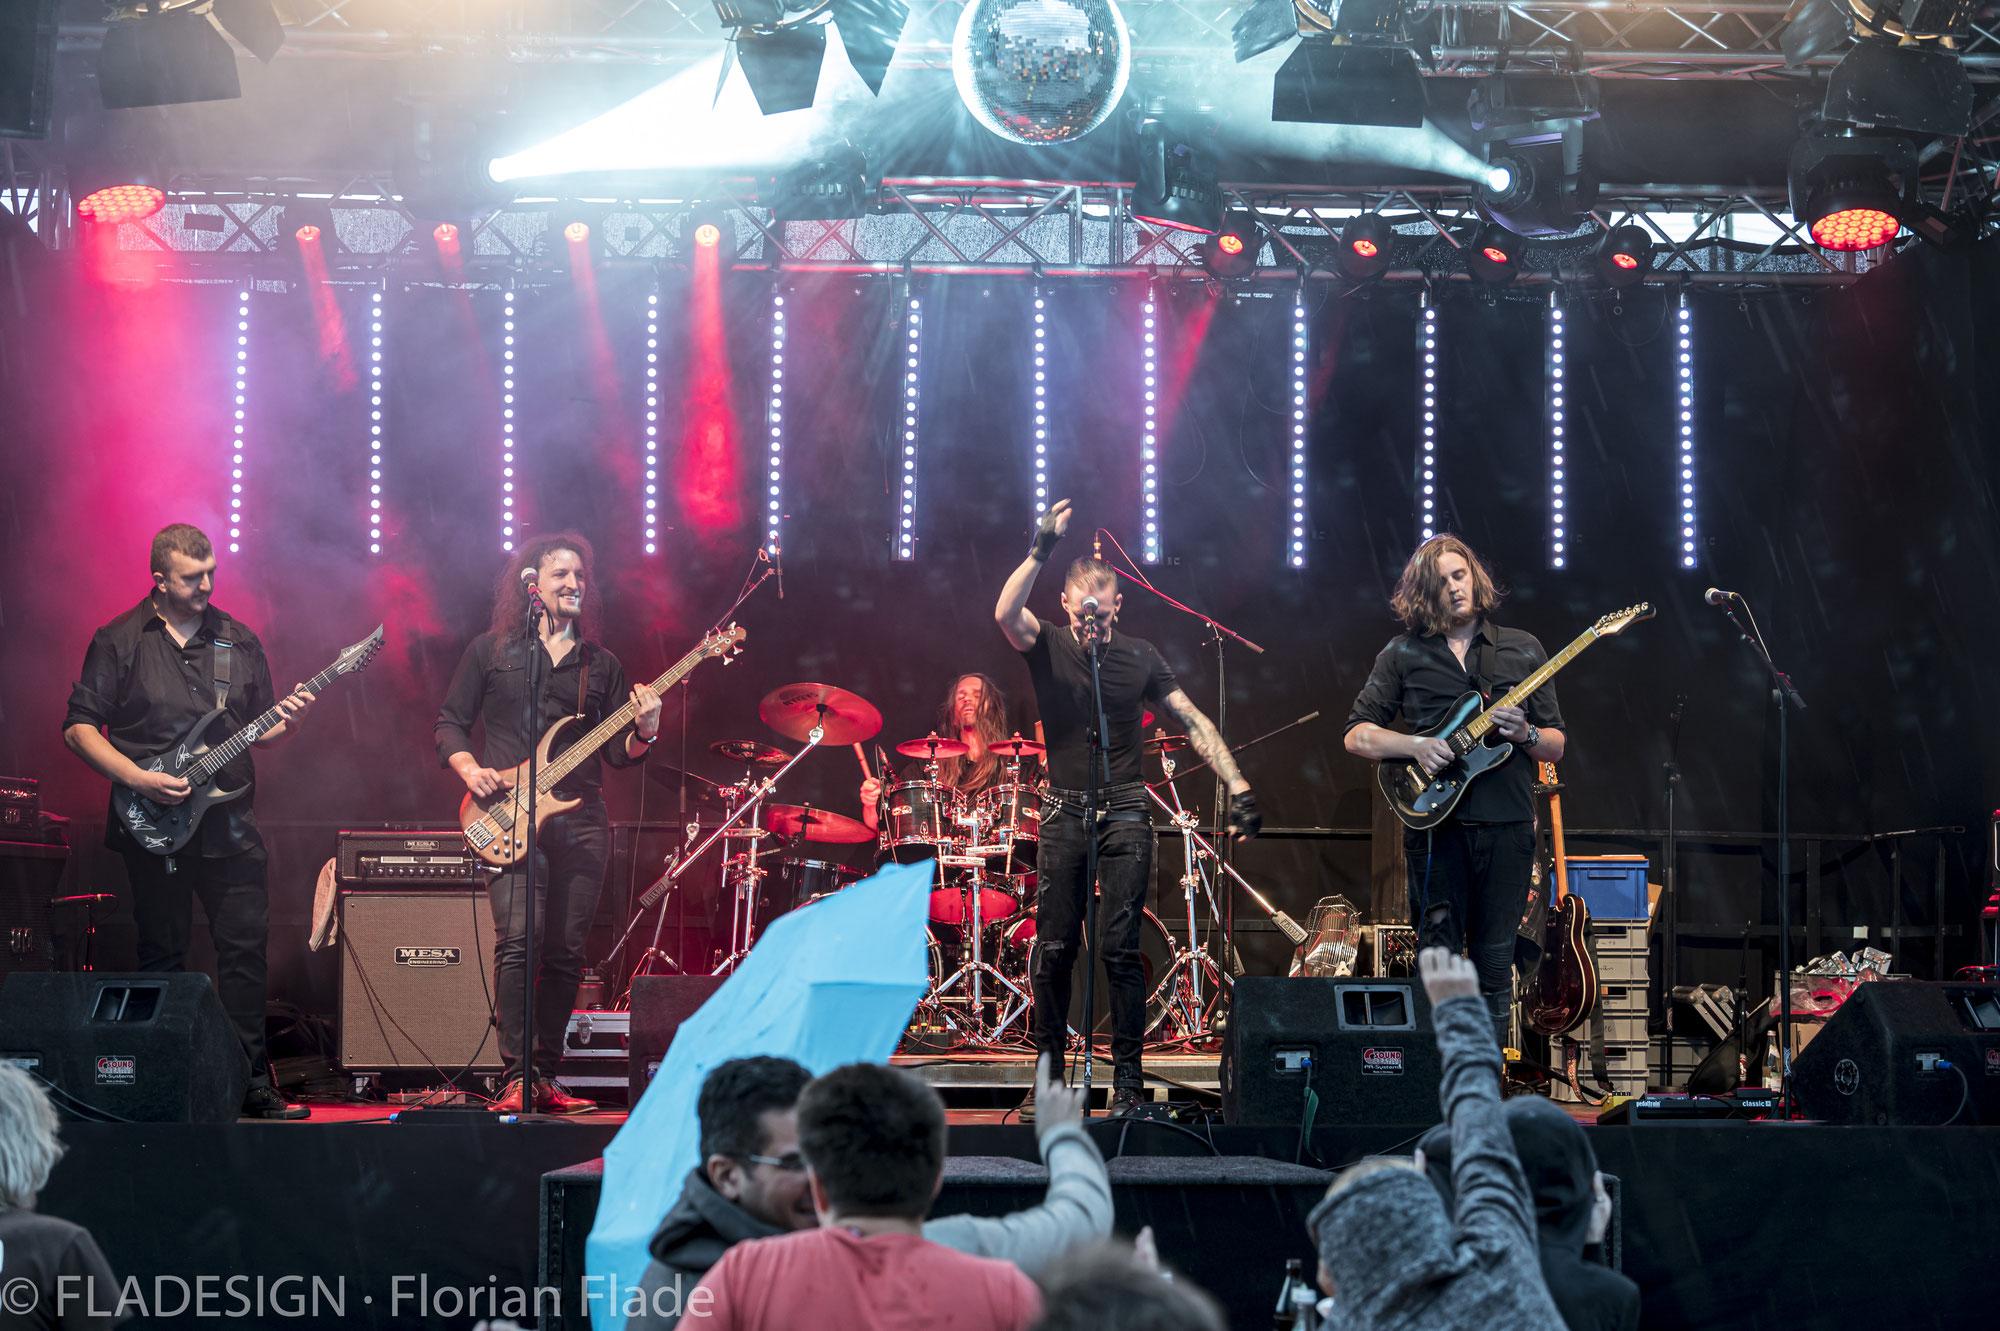 Konzertbericht von Don't Drop The Sword || 07.08.2021 || Rocket Club Landshut